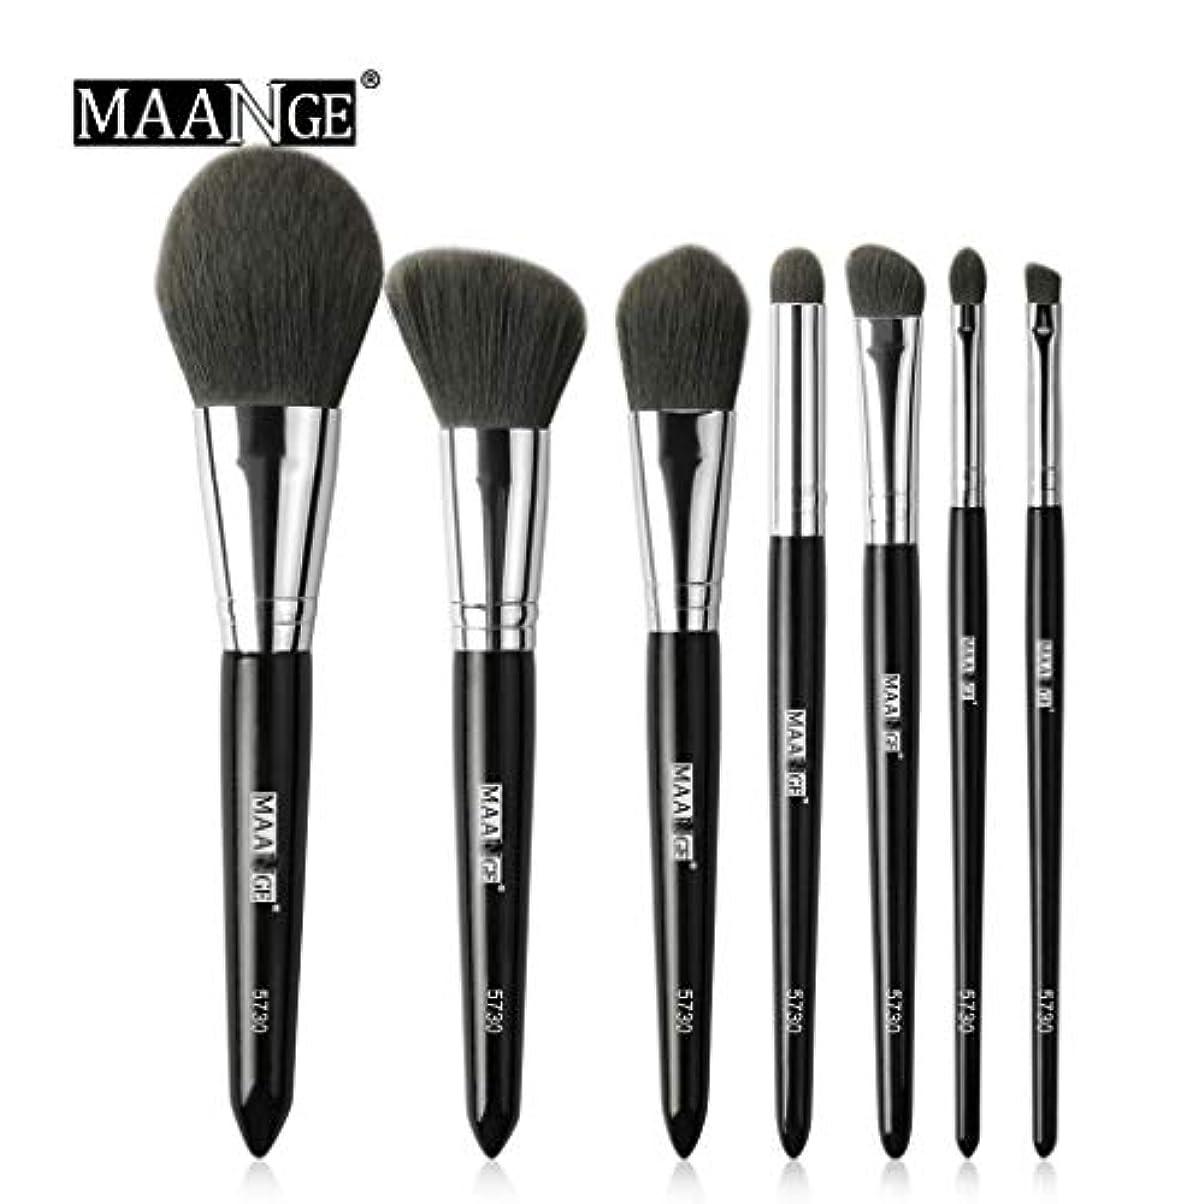 見物人名前を作る何かAkane 7本 MAANGE プロ 高級 多機能 たっぷり 上等 魅力的 セート 高品質 おしゃれ 柔らかい 激安 日常 仕事 Makeup Brush メイクアップブラシ MAG5730